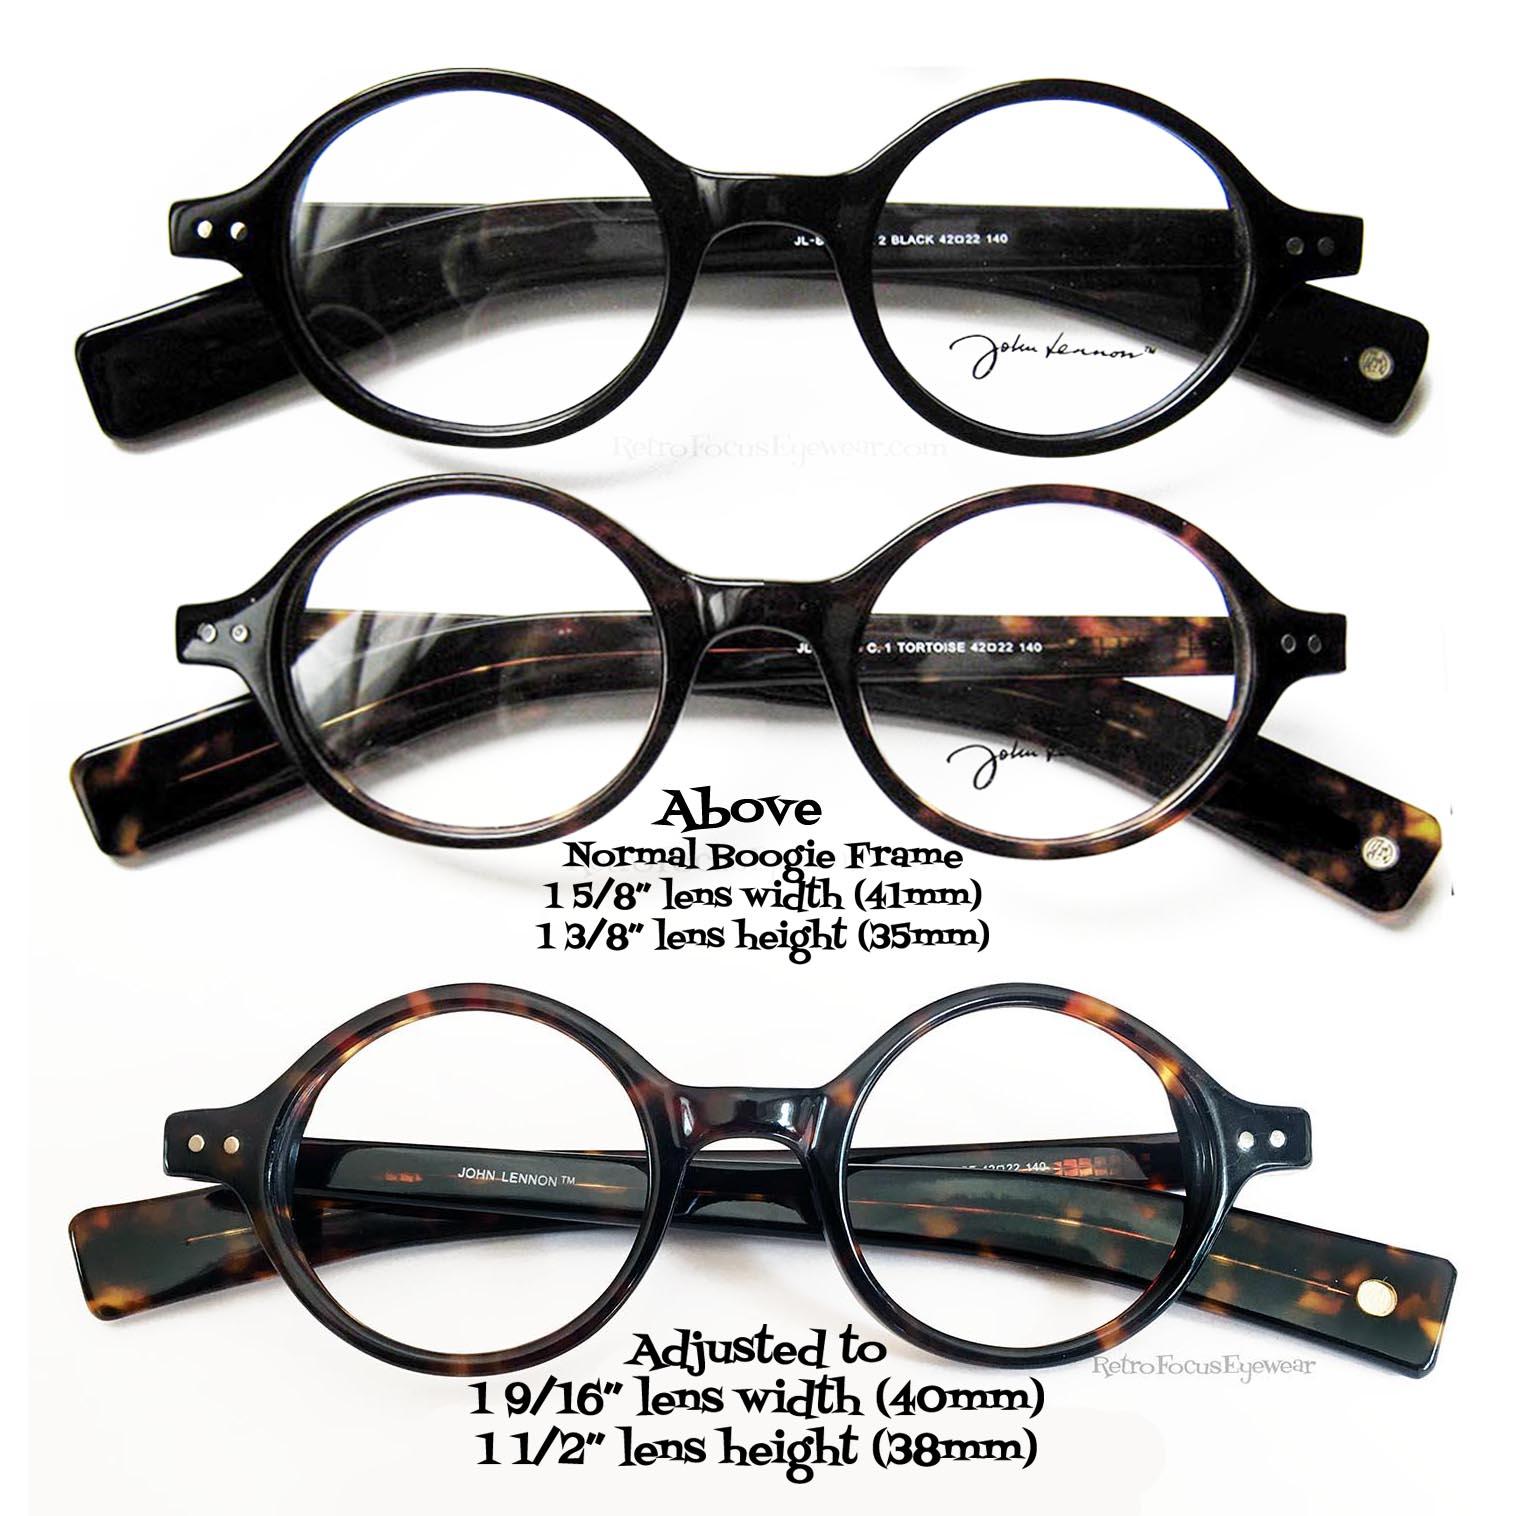 1516x1516 John Lennon Boogie Retro Focus Eyewear